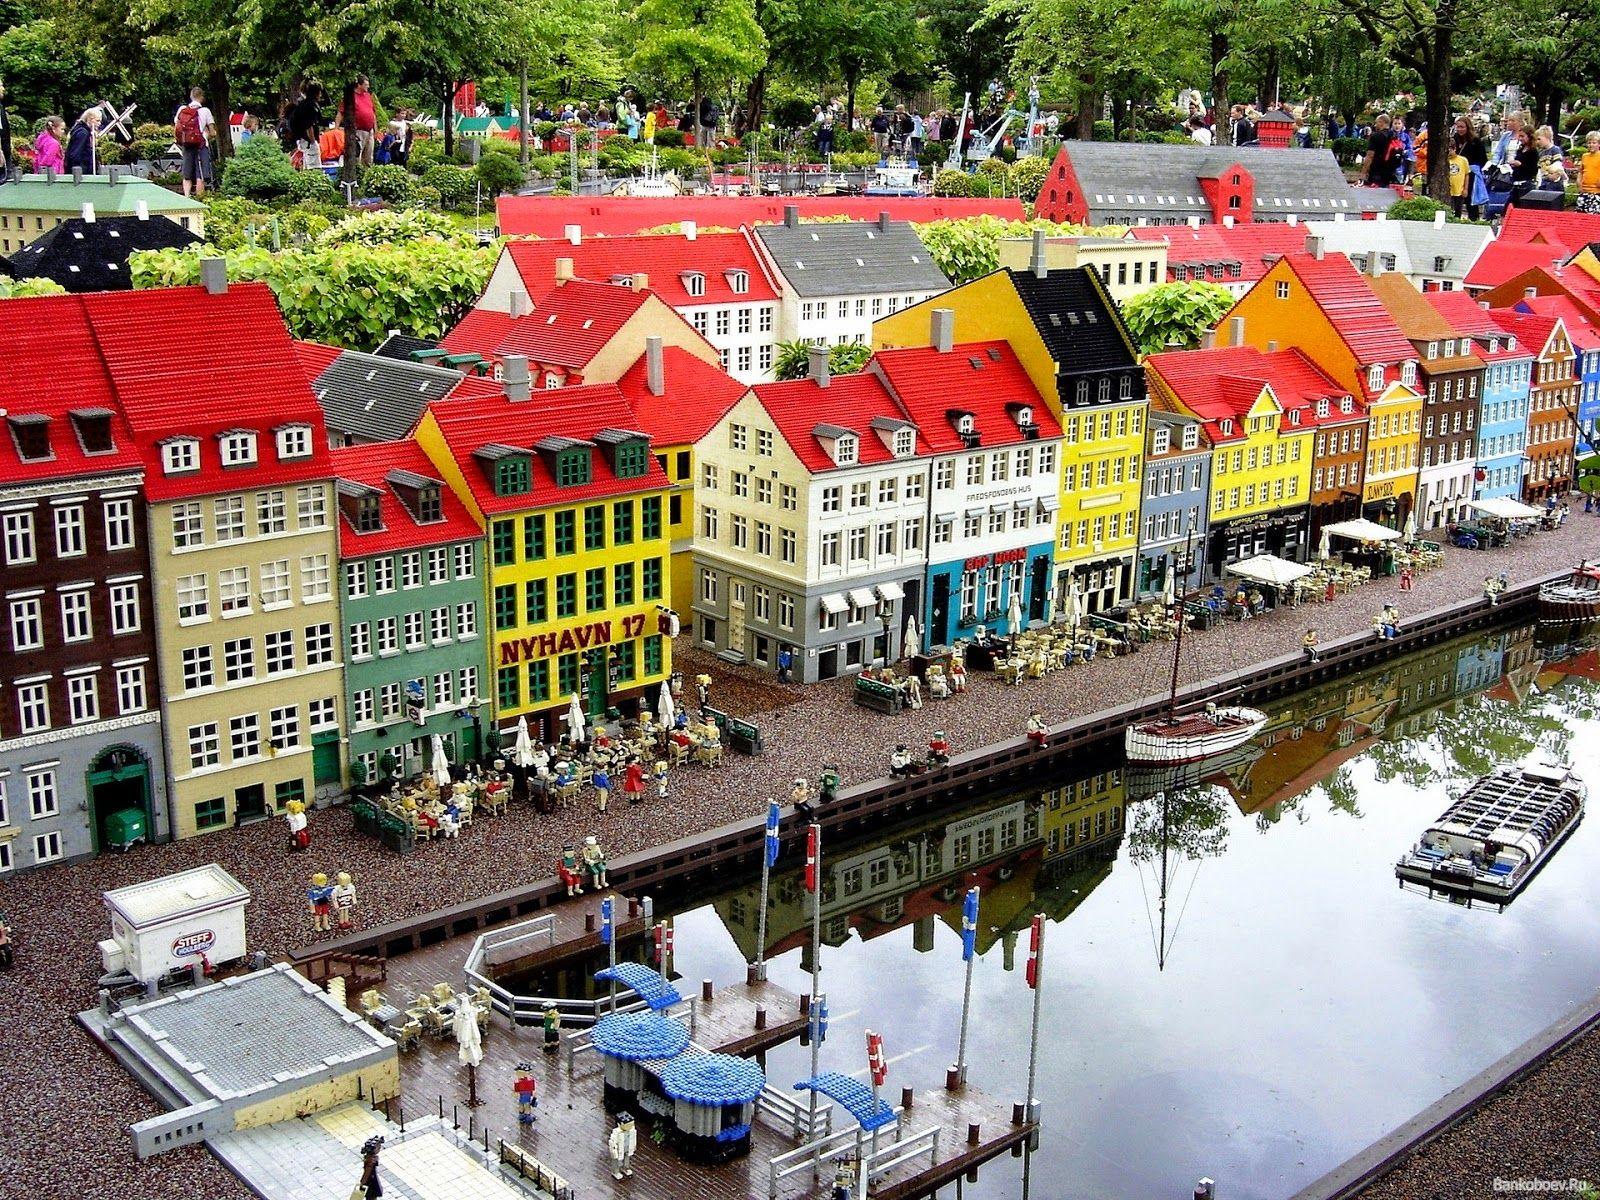 Legoland Billund (Billund - Denmark)